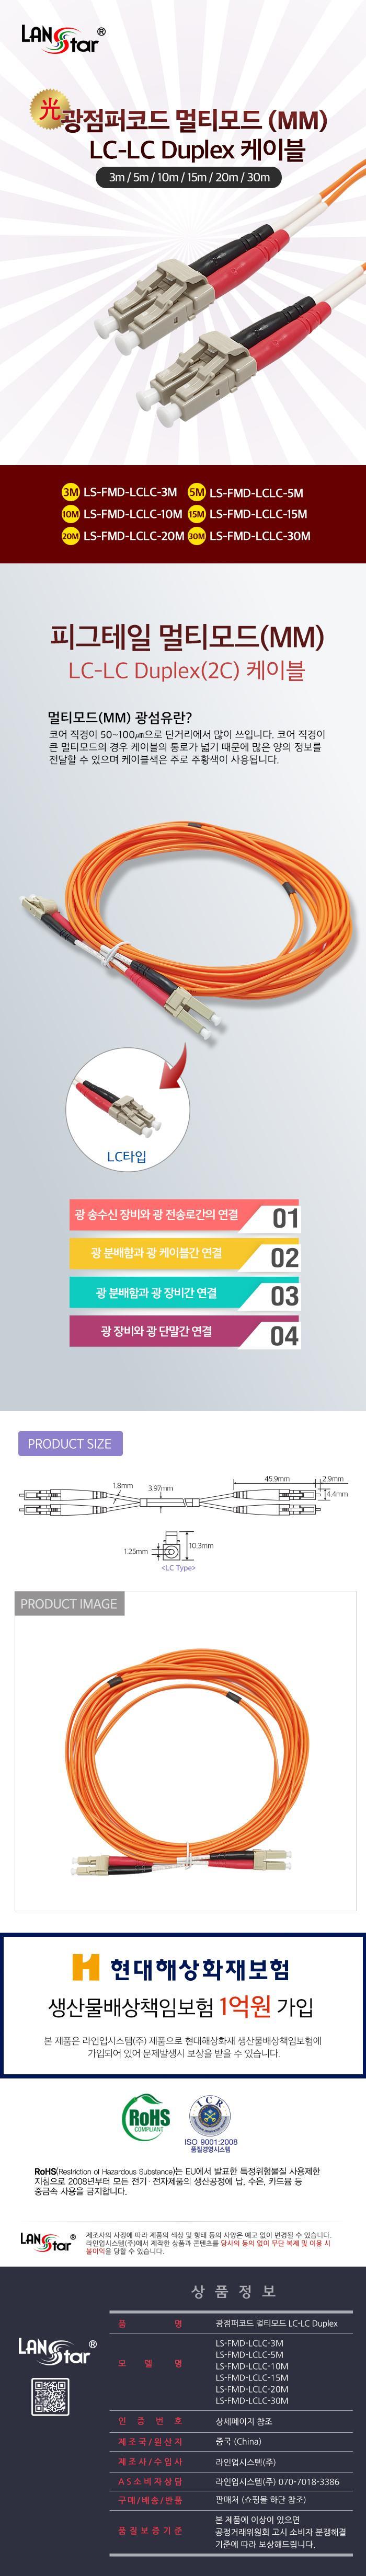 라인업시스템 LANSTAR LS-FMD-LCLC 광점퍼코드 멀티모드 LC-LC Duplex 케이블 (5m)